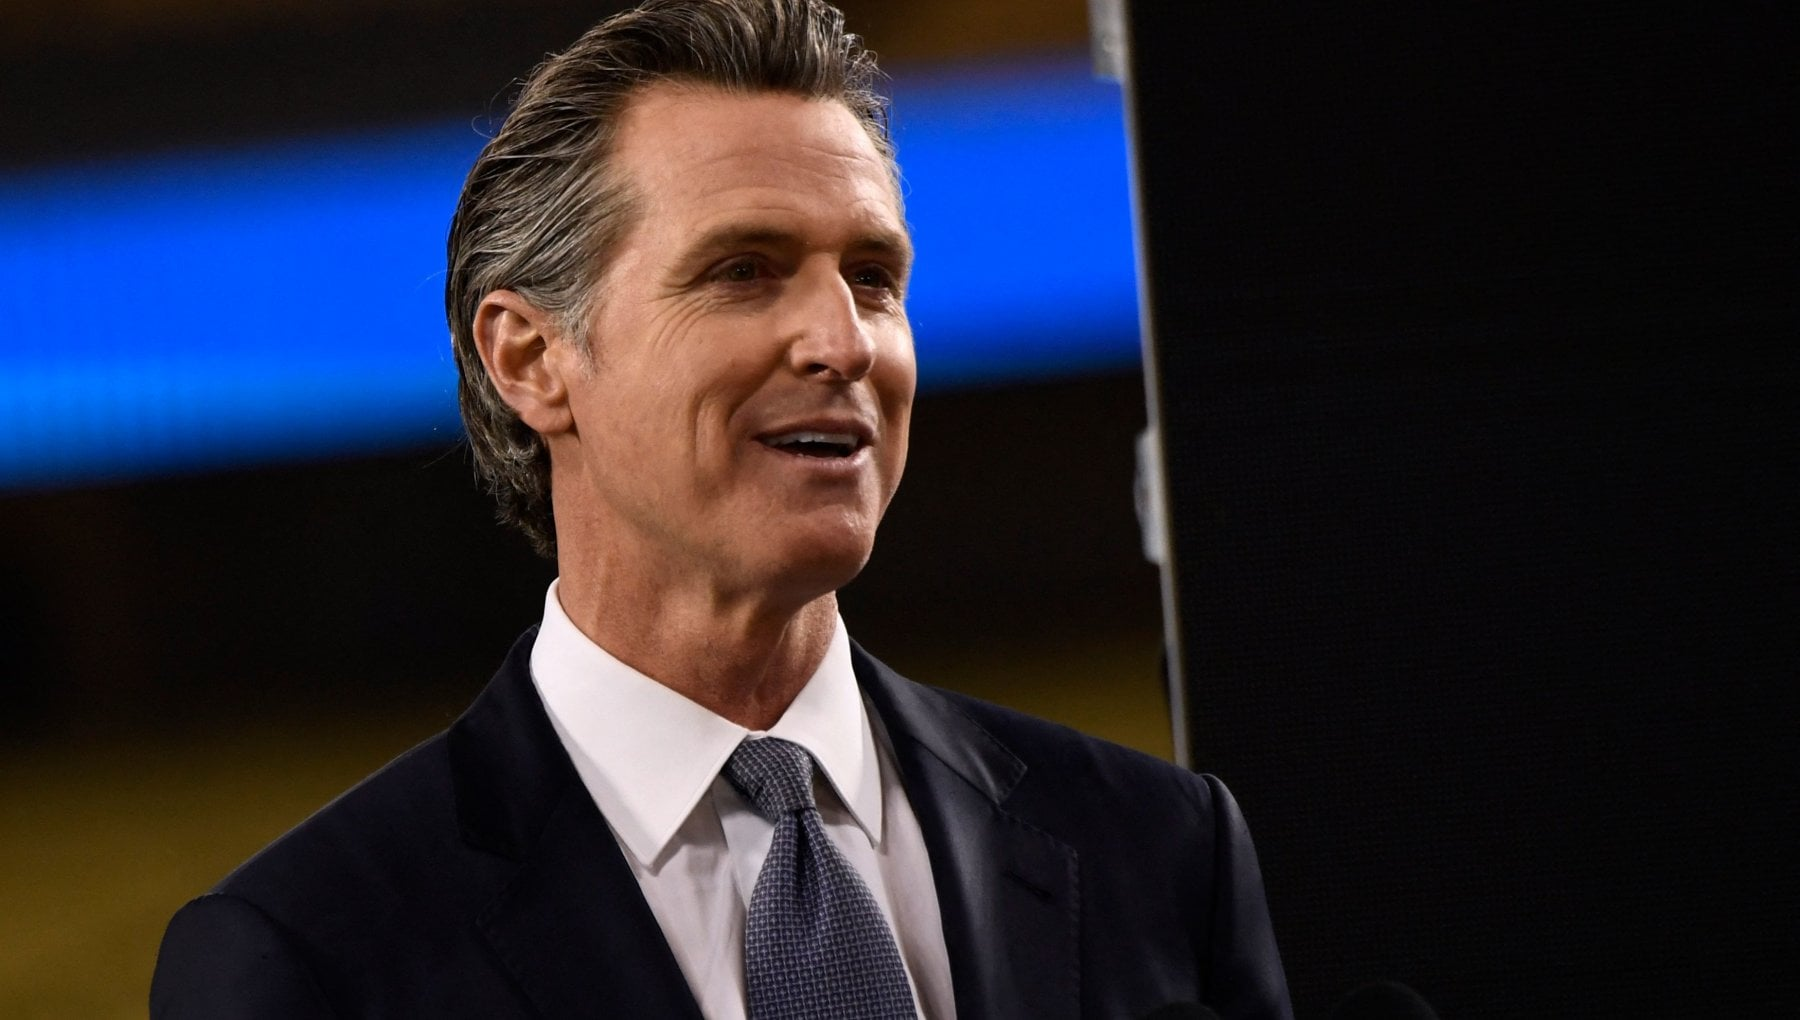 060709408 071d281c 3824 4647 bd3f a0e14fc9e080 - Usa: il governatore della California rischia la rimozione